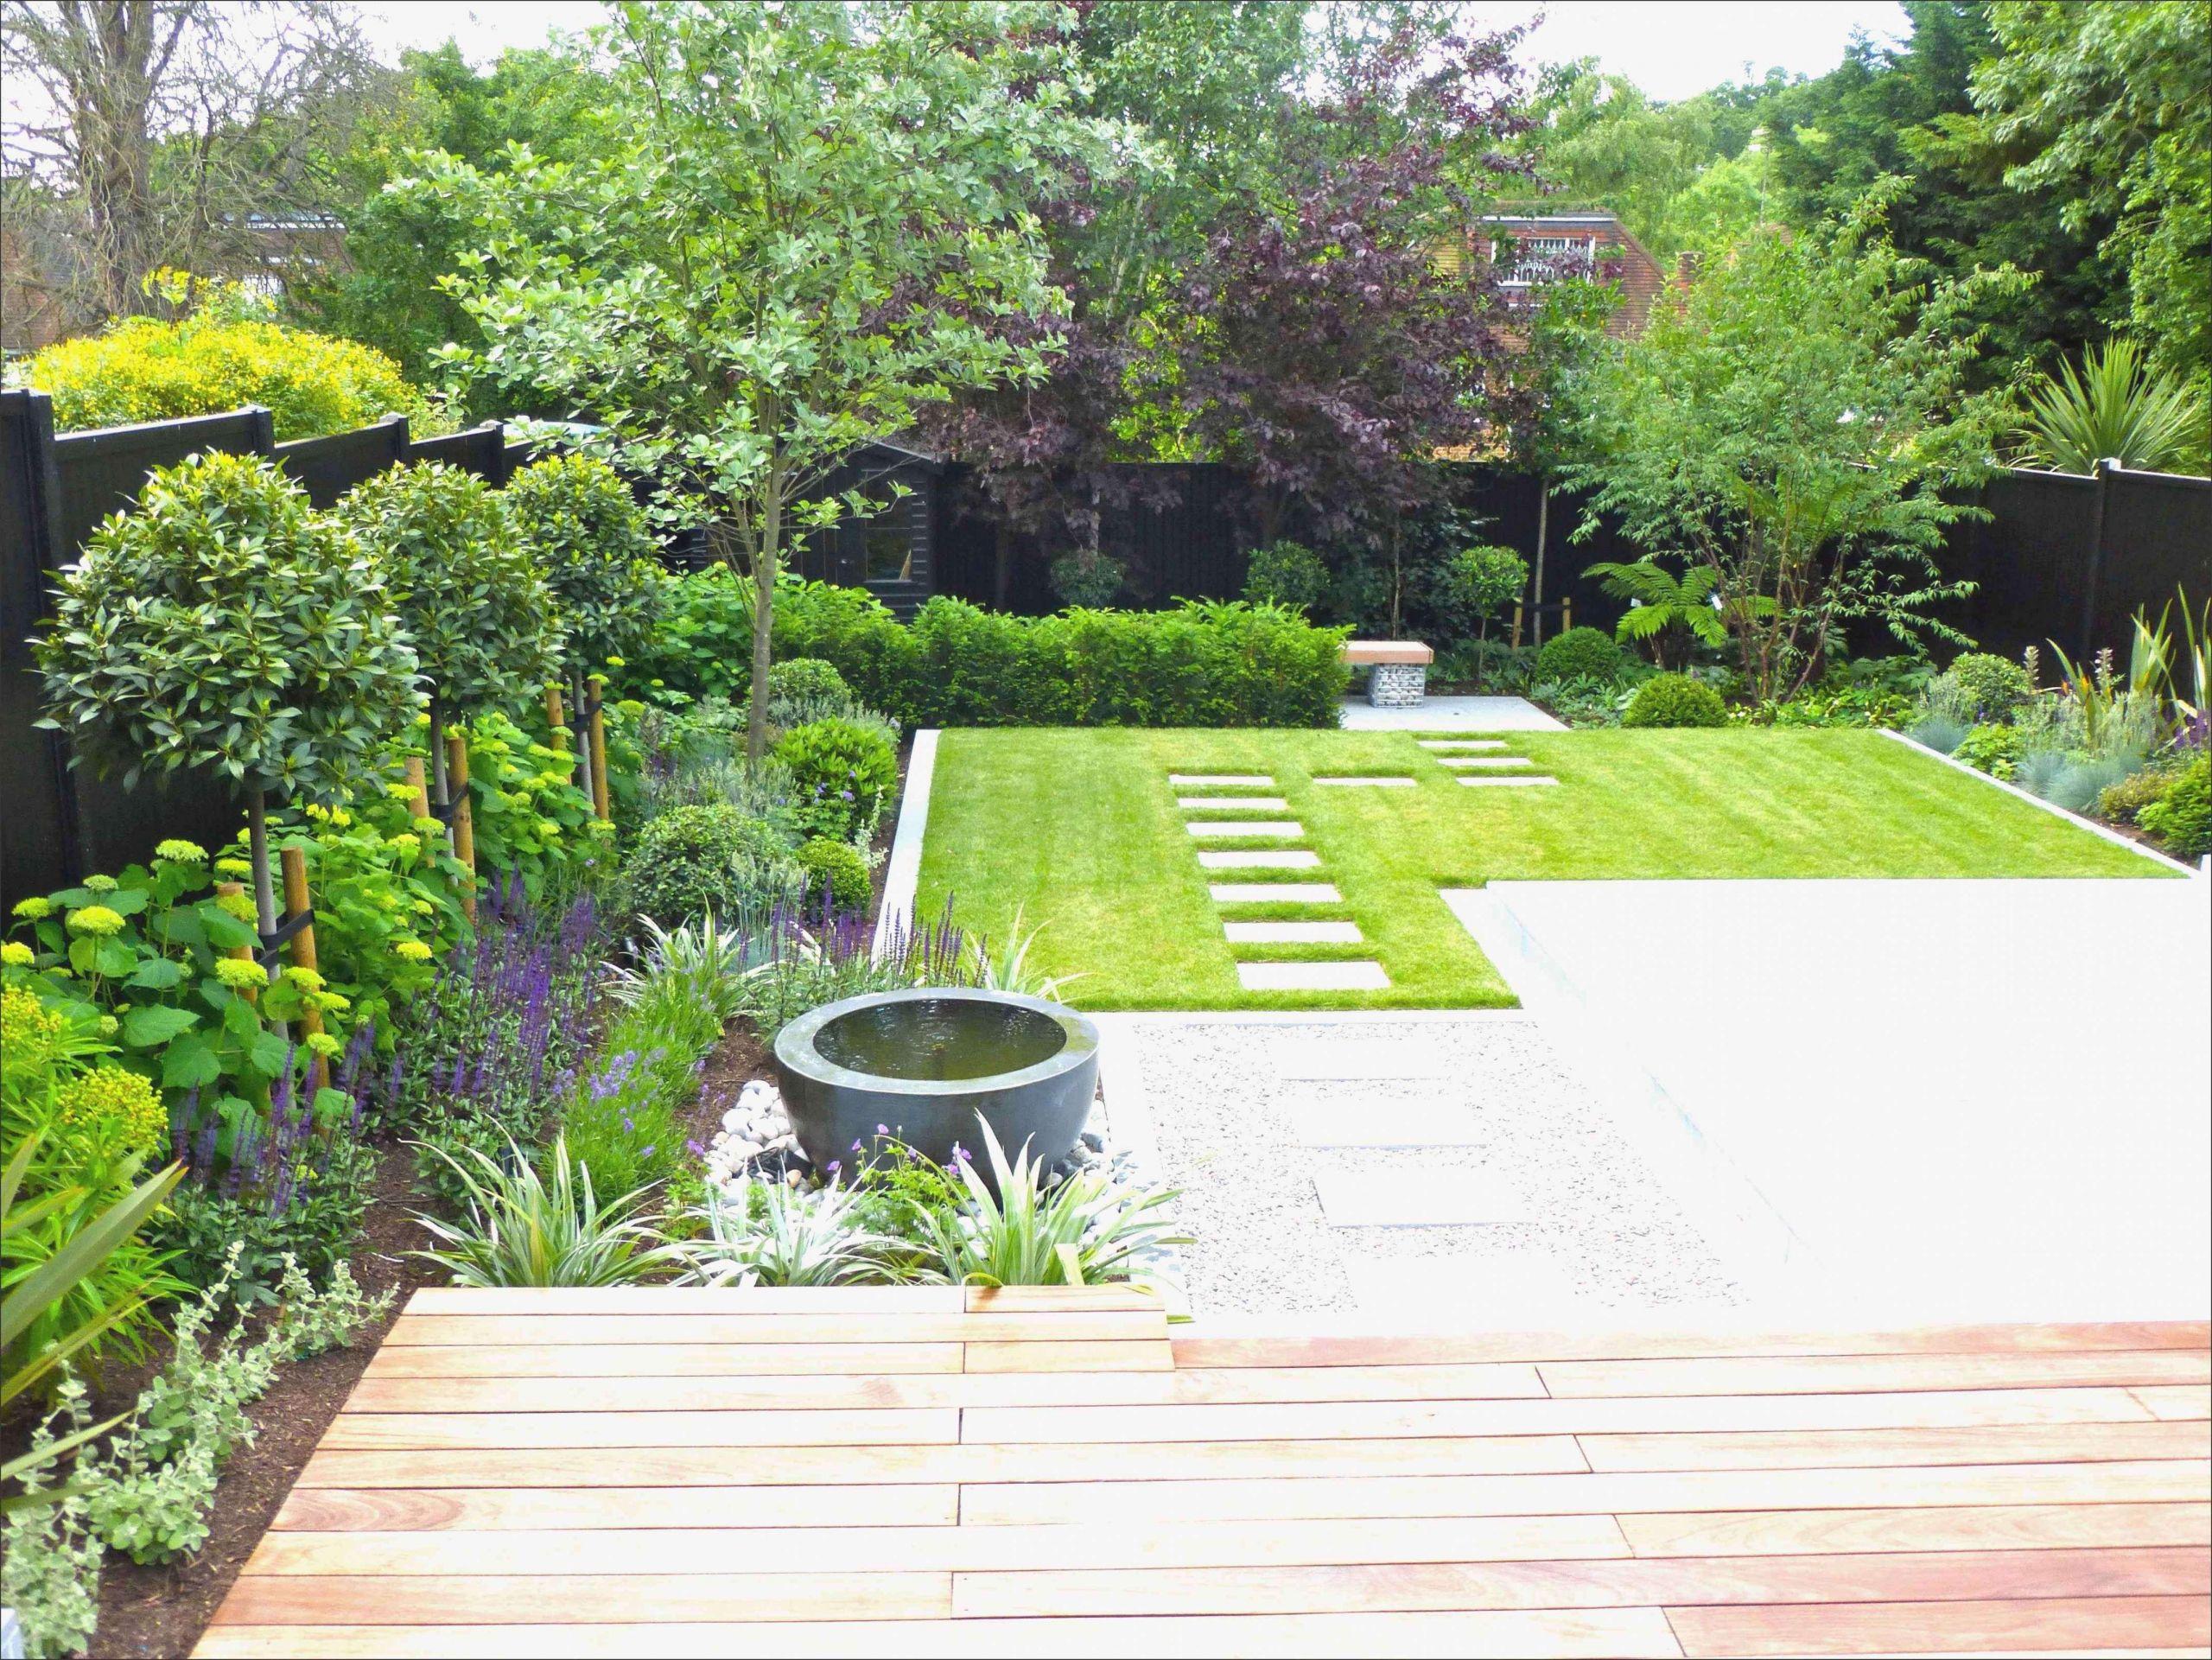 Möbel Und Garten Genial Gartengestaltung Großer Garten — Temobardz Home Blog